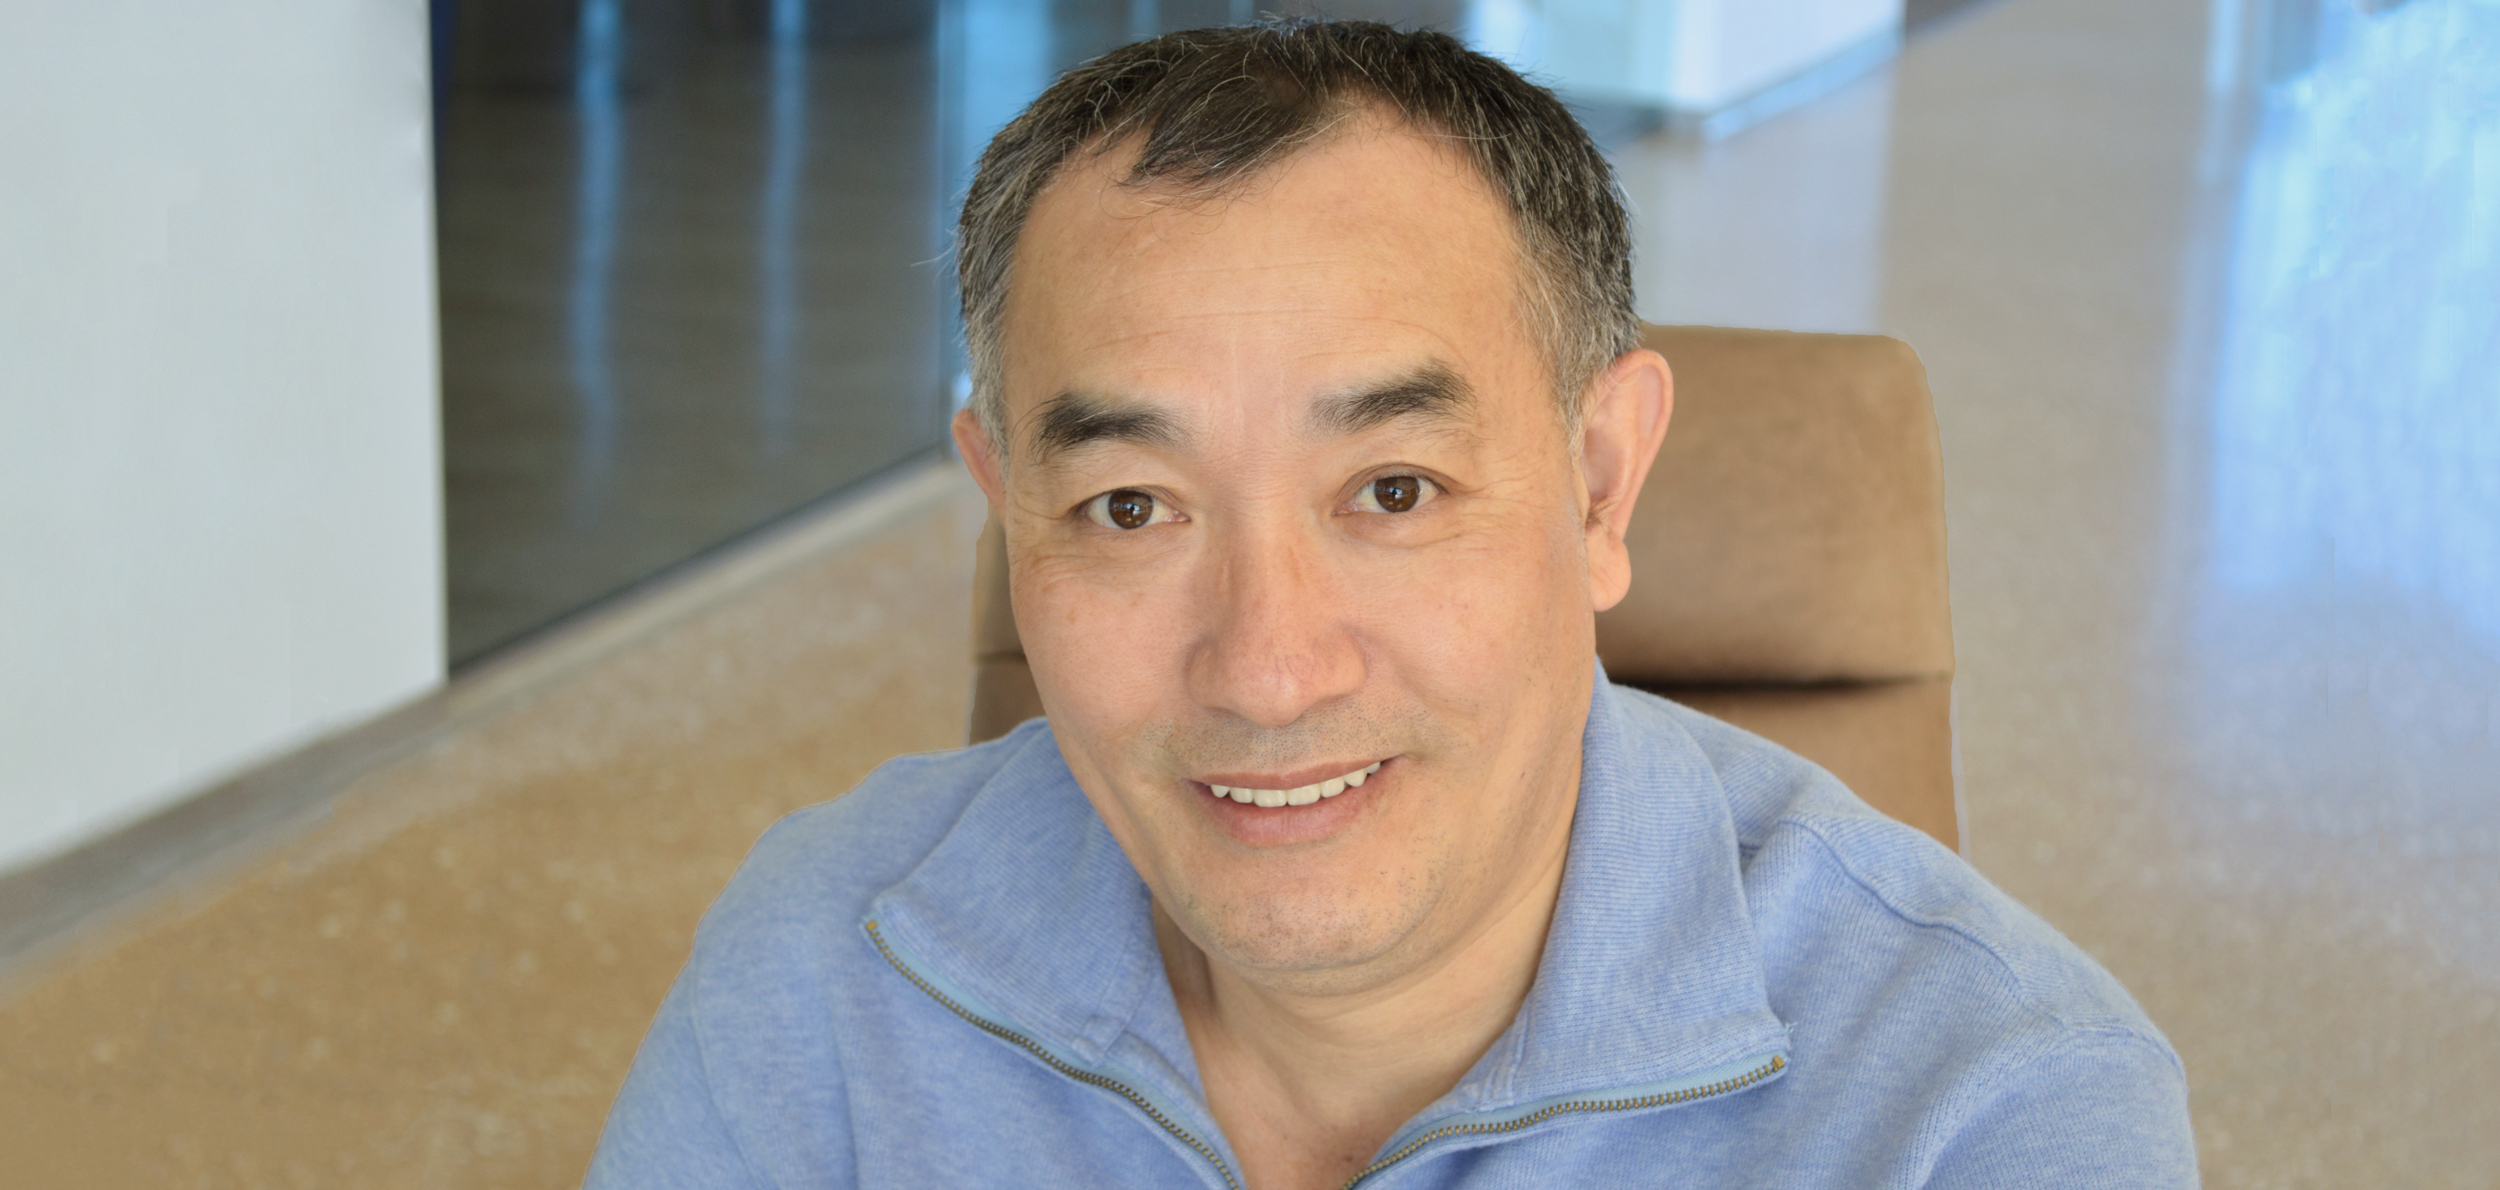 KFA Welcomes Simon Li, PE, CFM to Our Drainage Practice